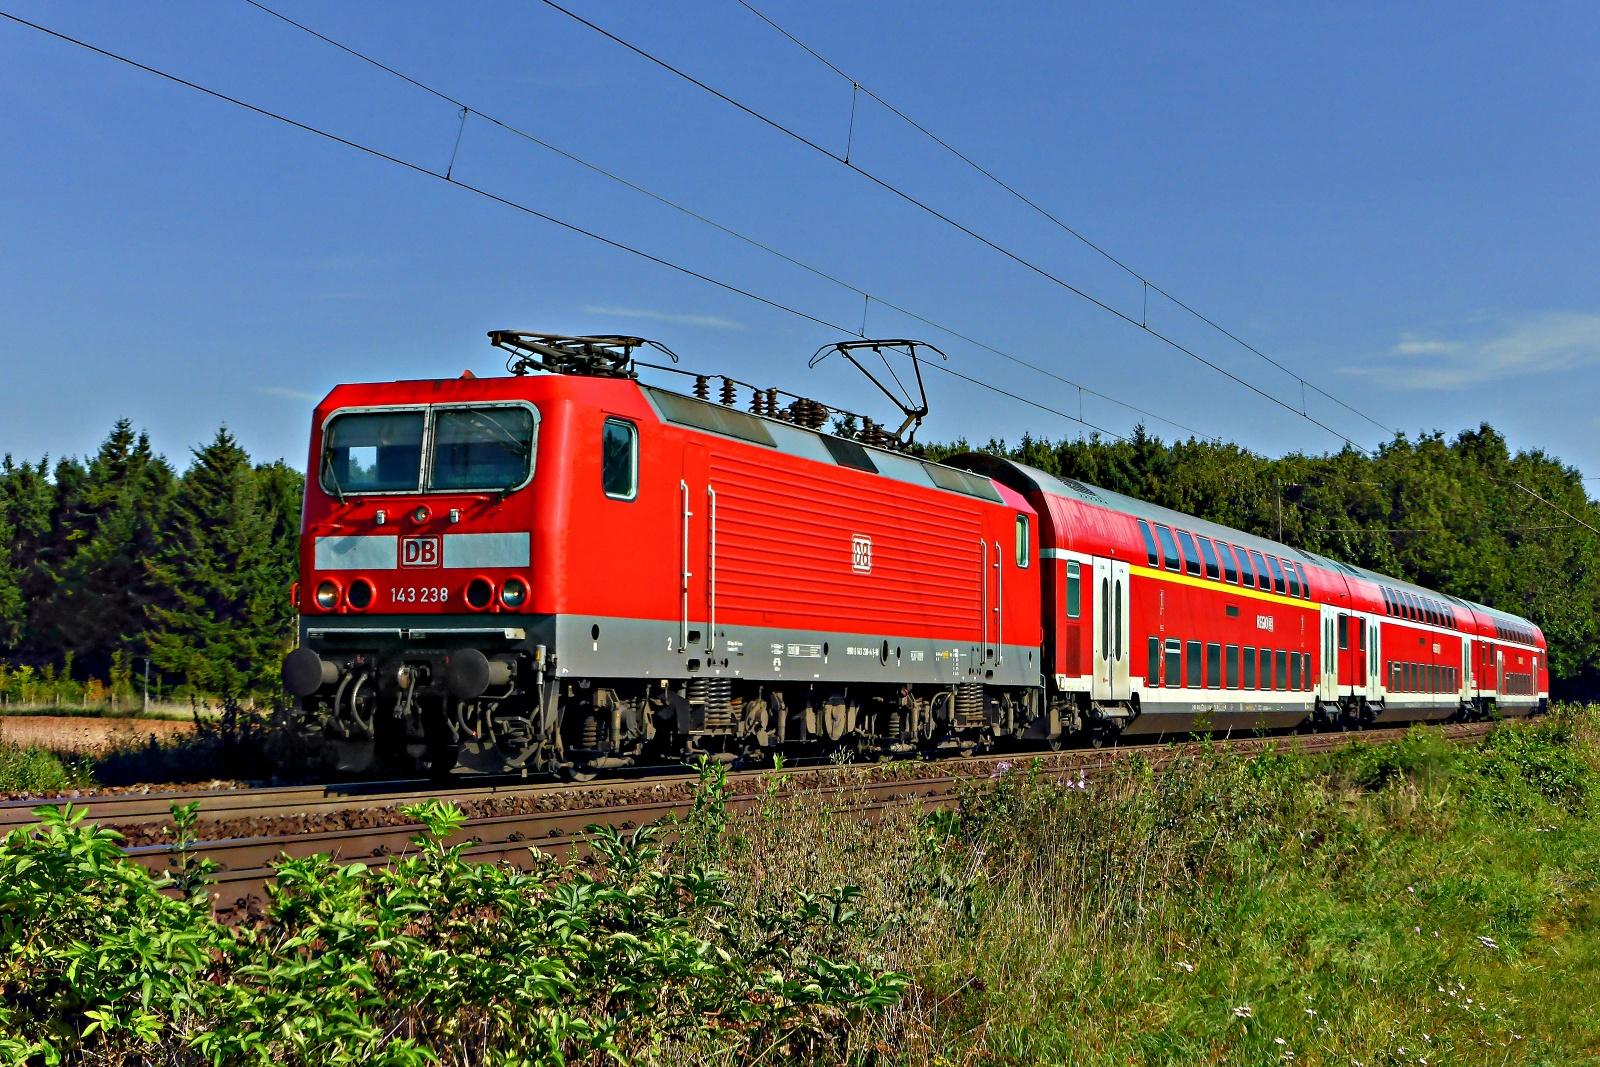 143 238 als RB75 nach Wiesbaden